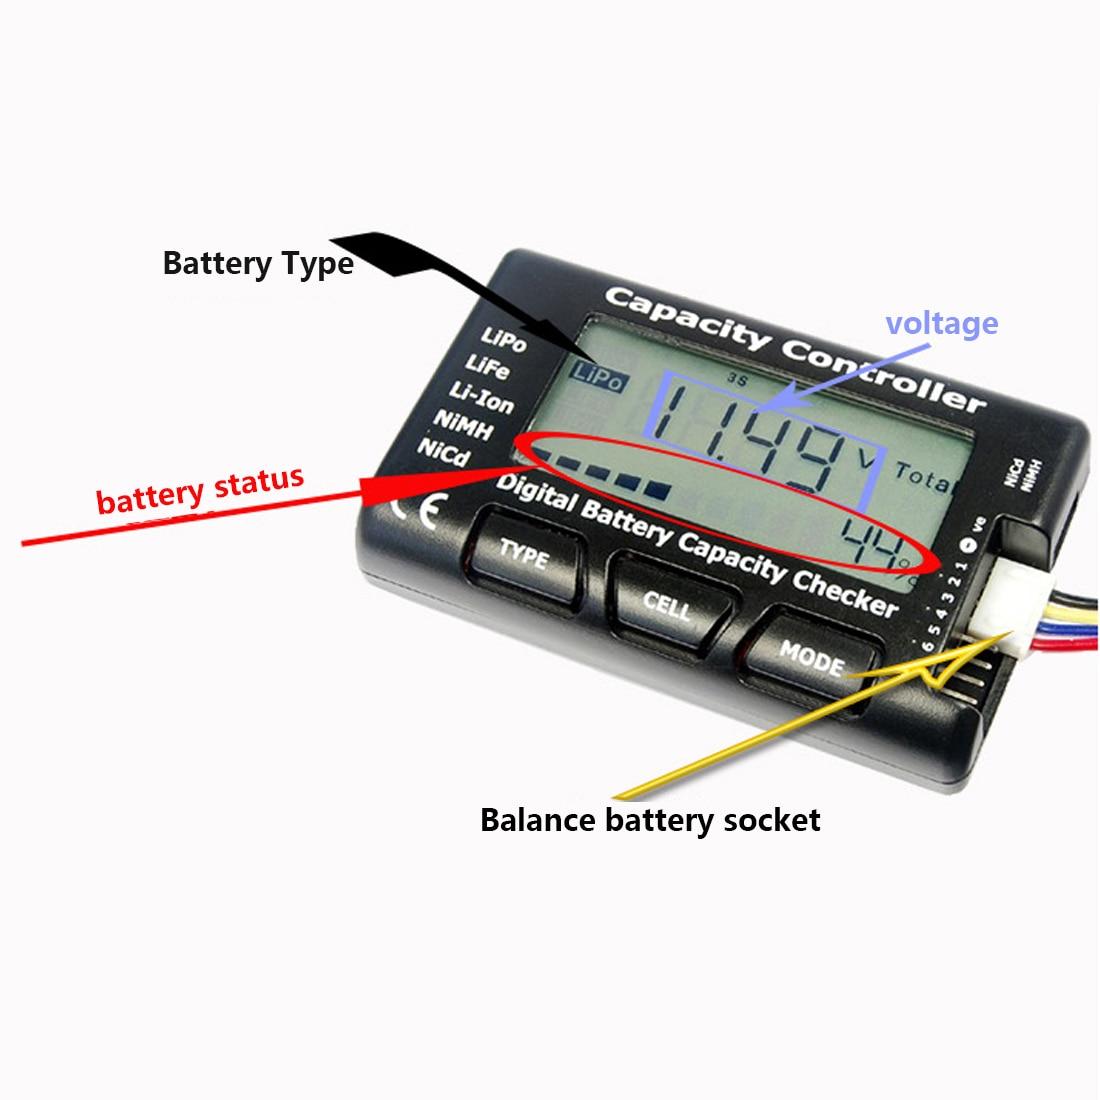 טוב RC CellMeter-7 דיגיטלי סוללה תא קיבולת בודק LiPo LiFe Li-Ion NiMH Nicd הסוללה מתח Tester בדיקה